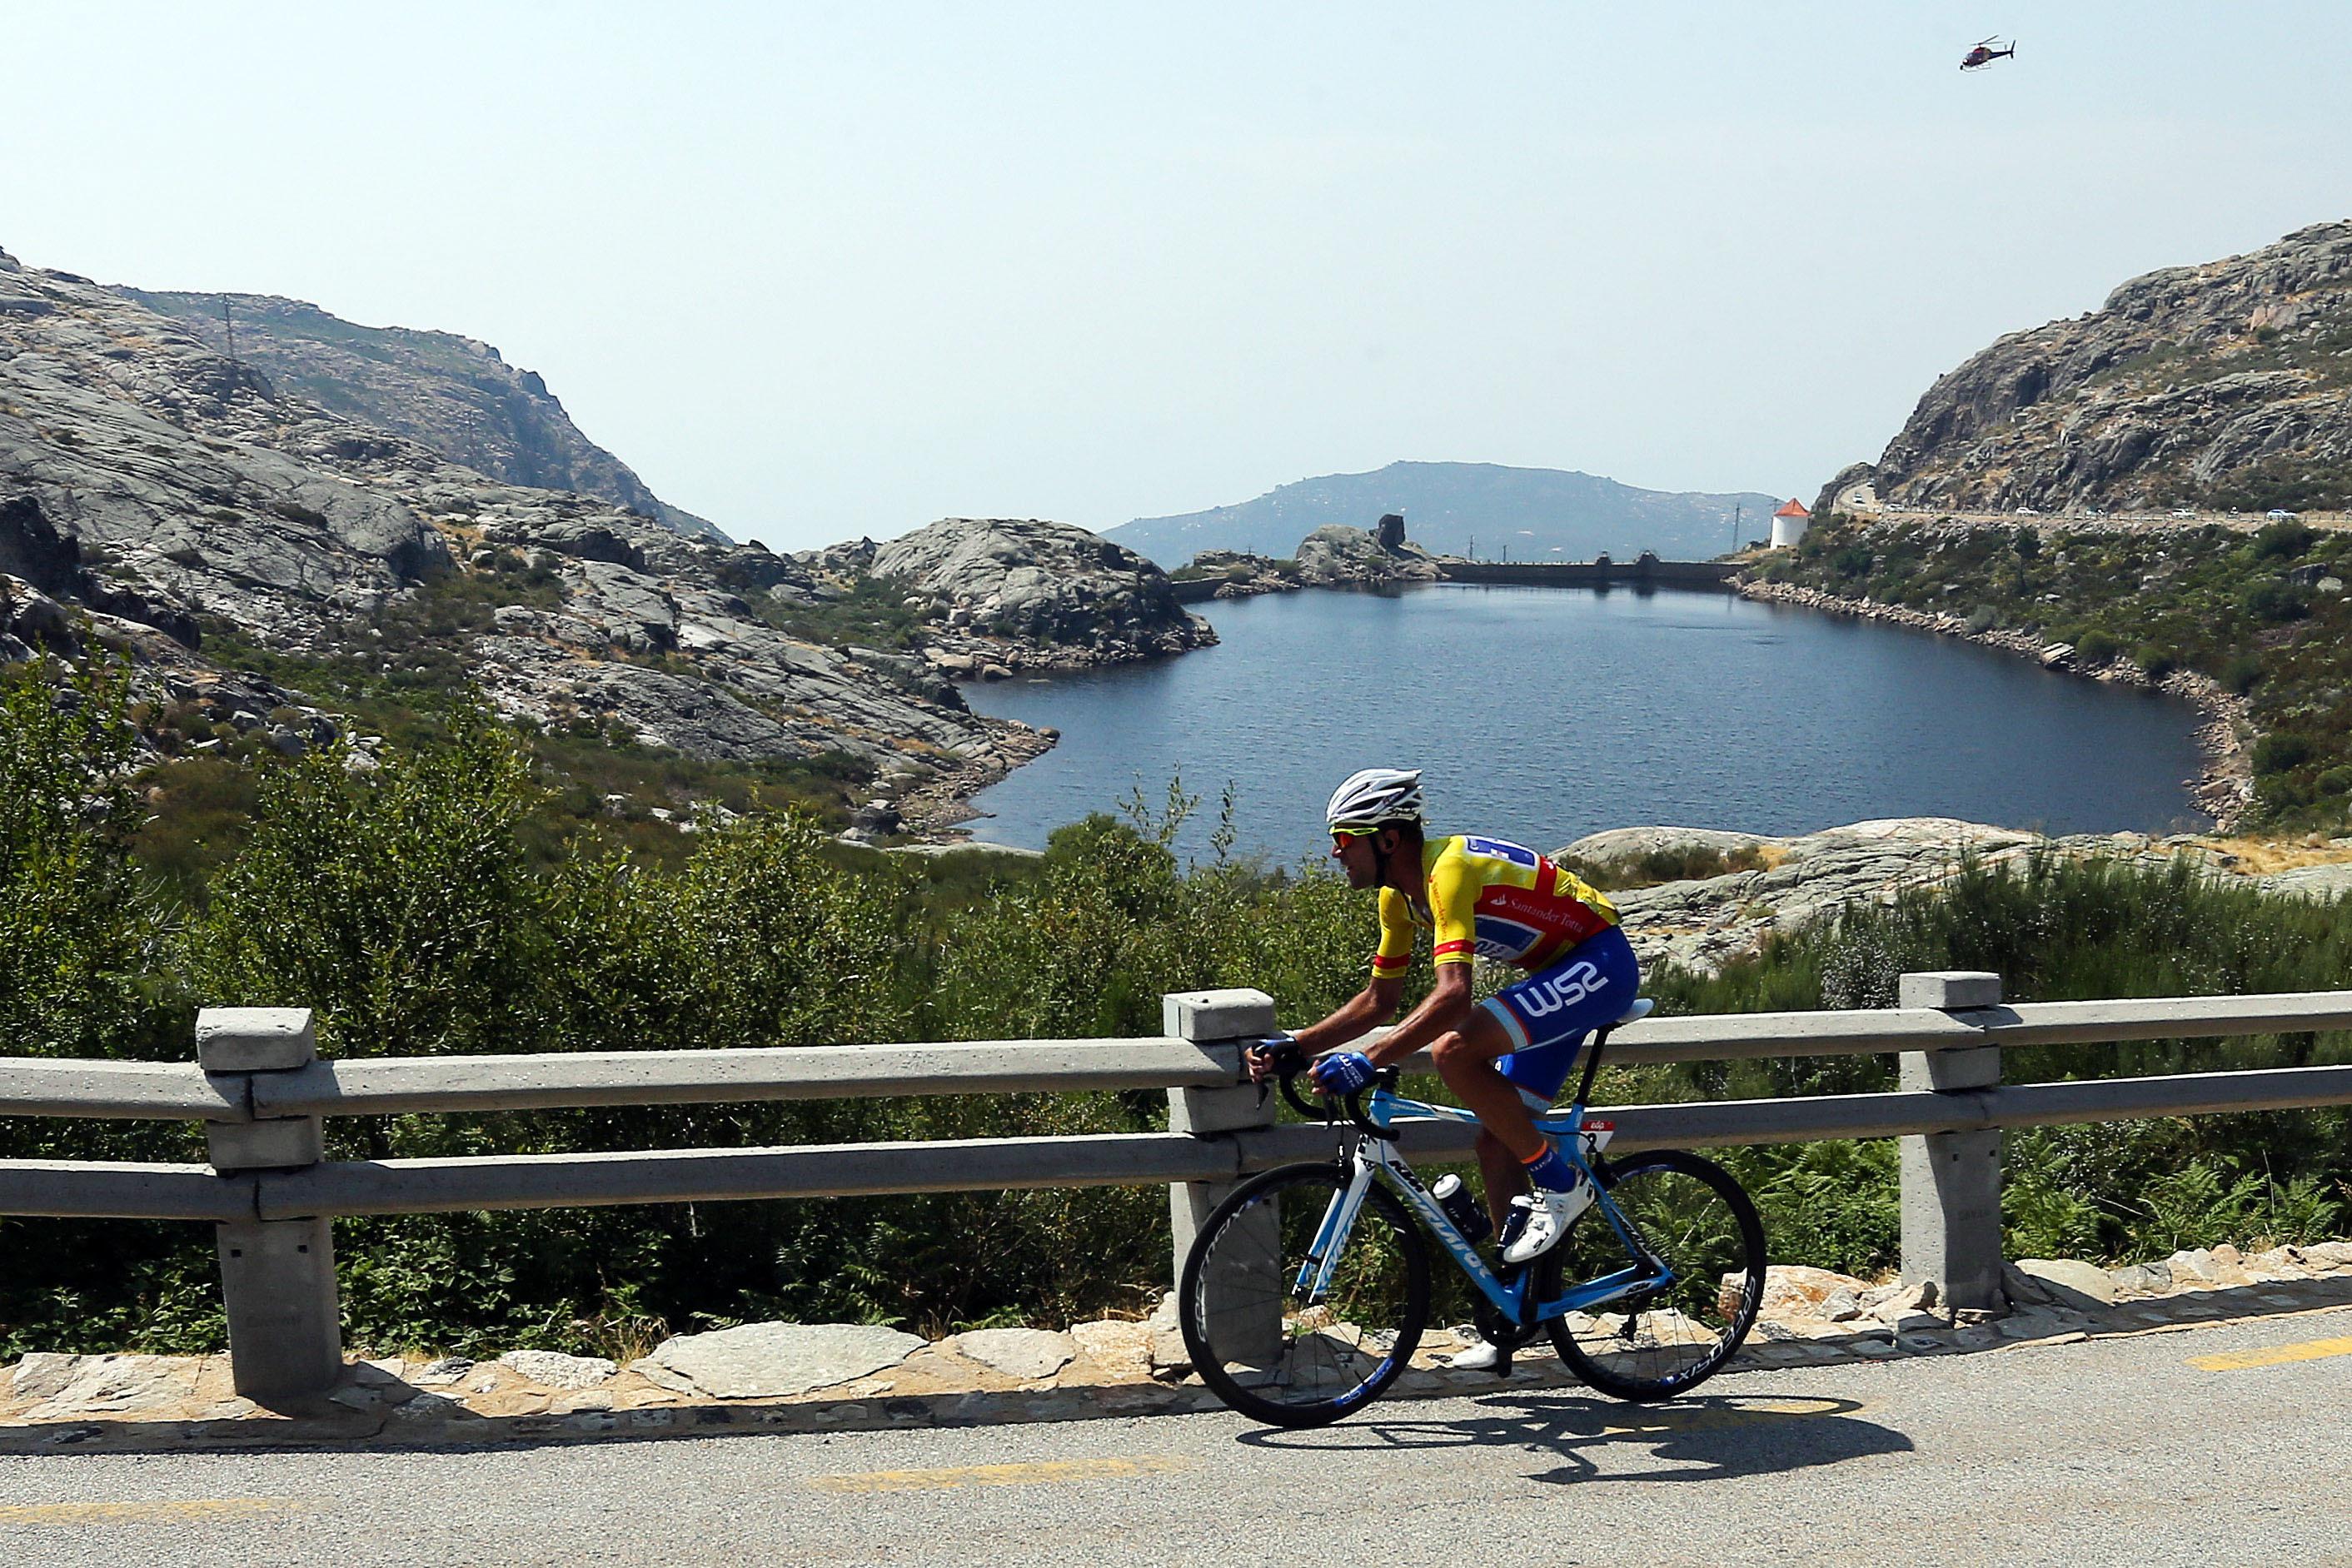 Bicicleta do vencedor da Volta a Portugal de 2017 leiloada por mais de 3.500 euros